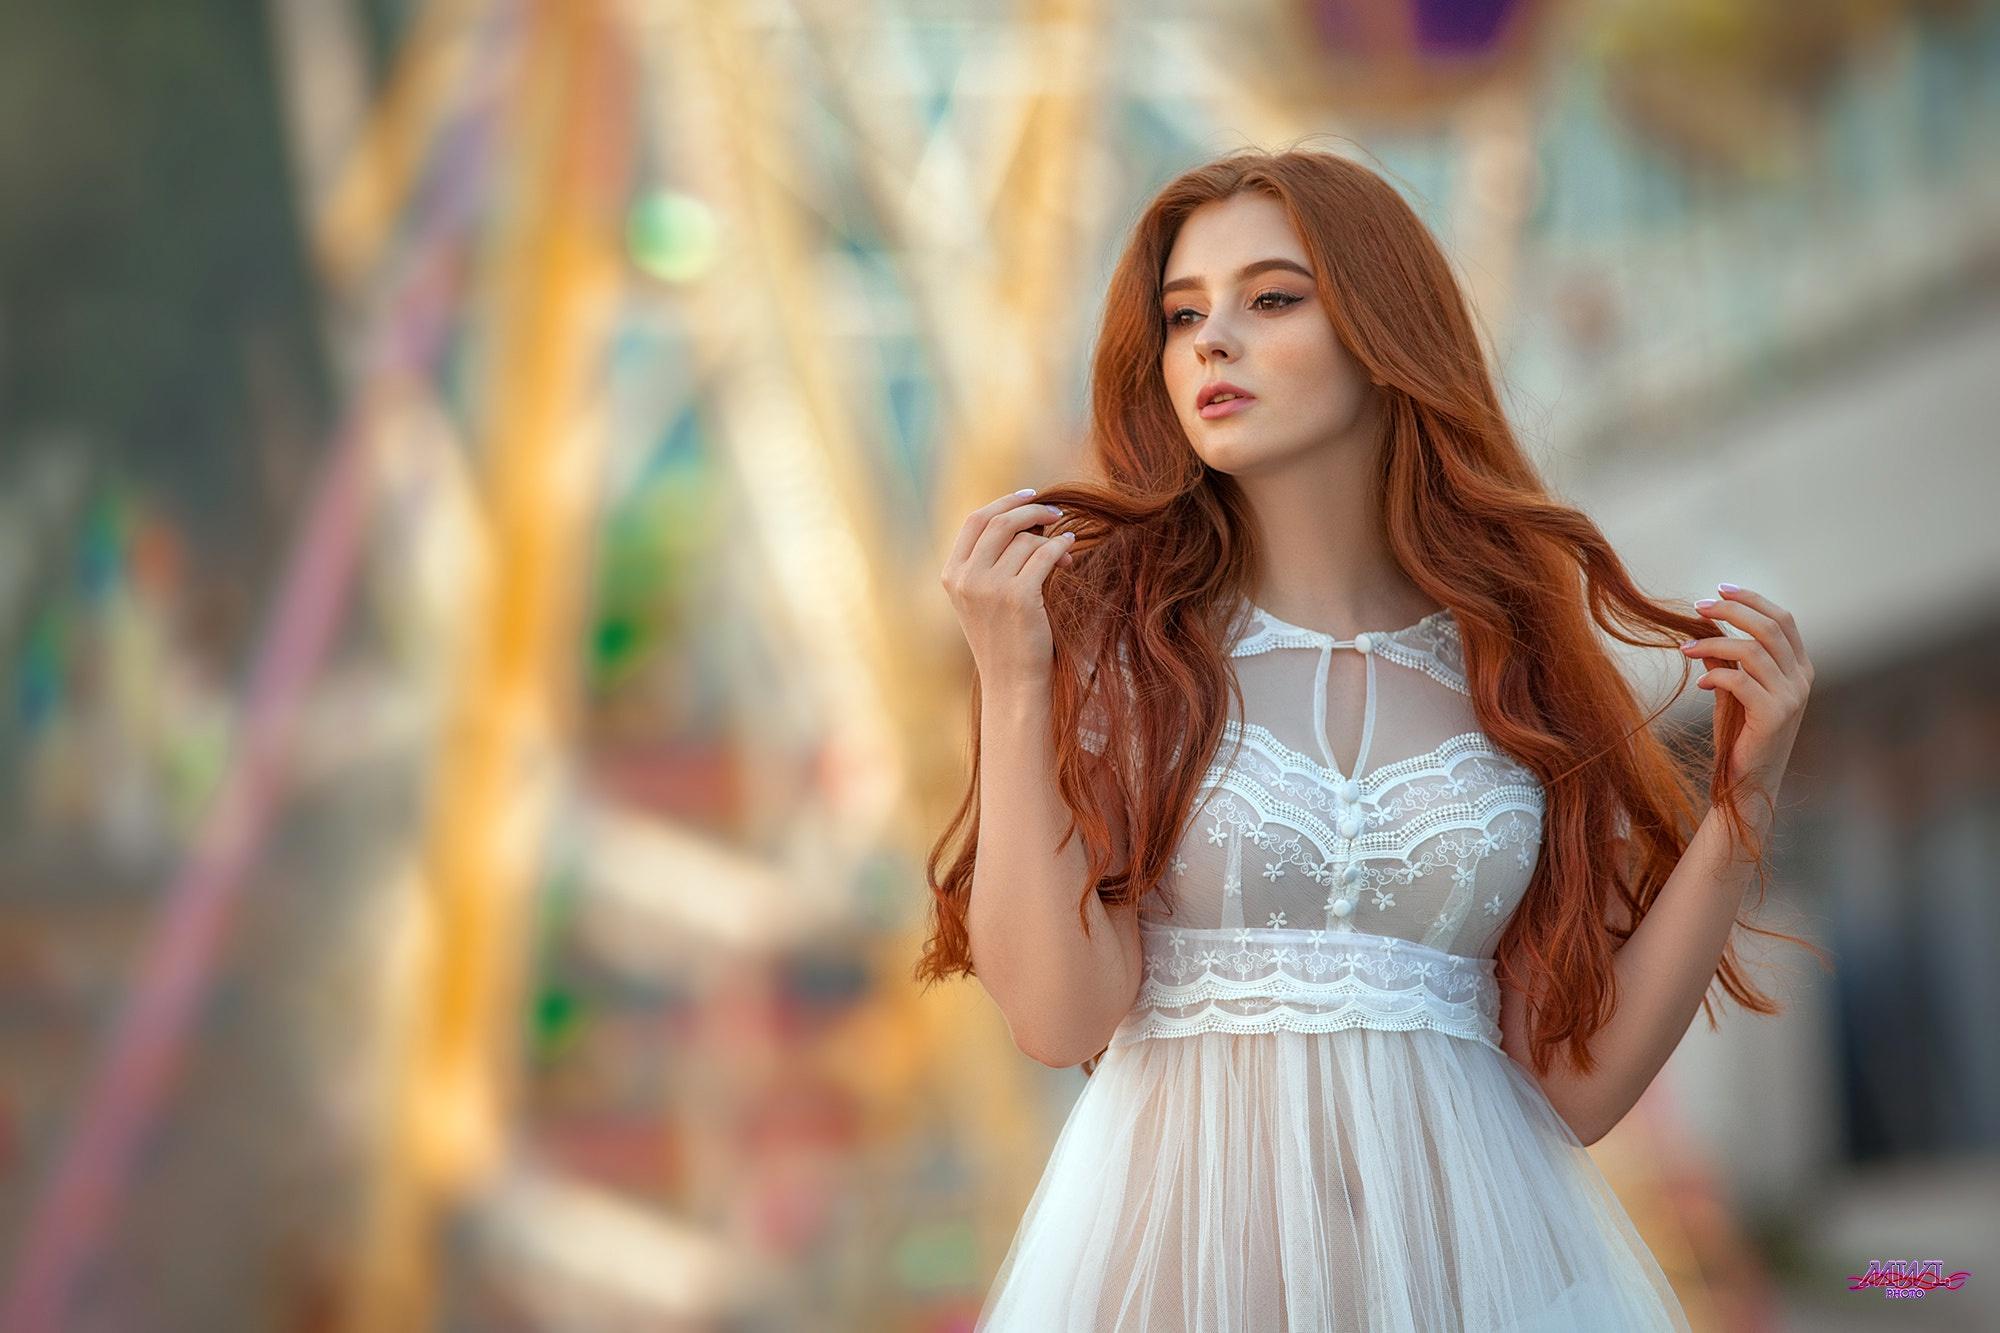 рыжие красотки фото в платьях сперва